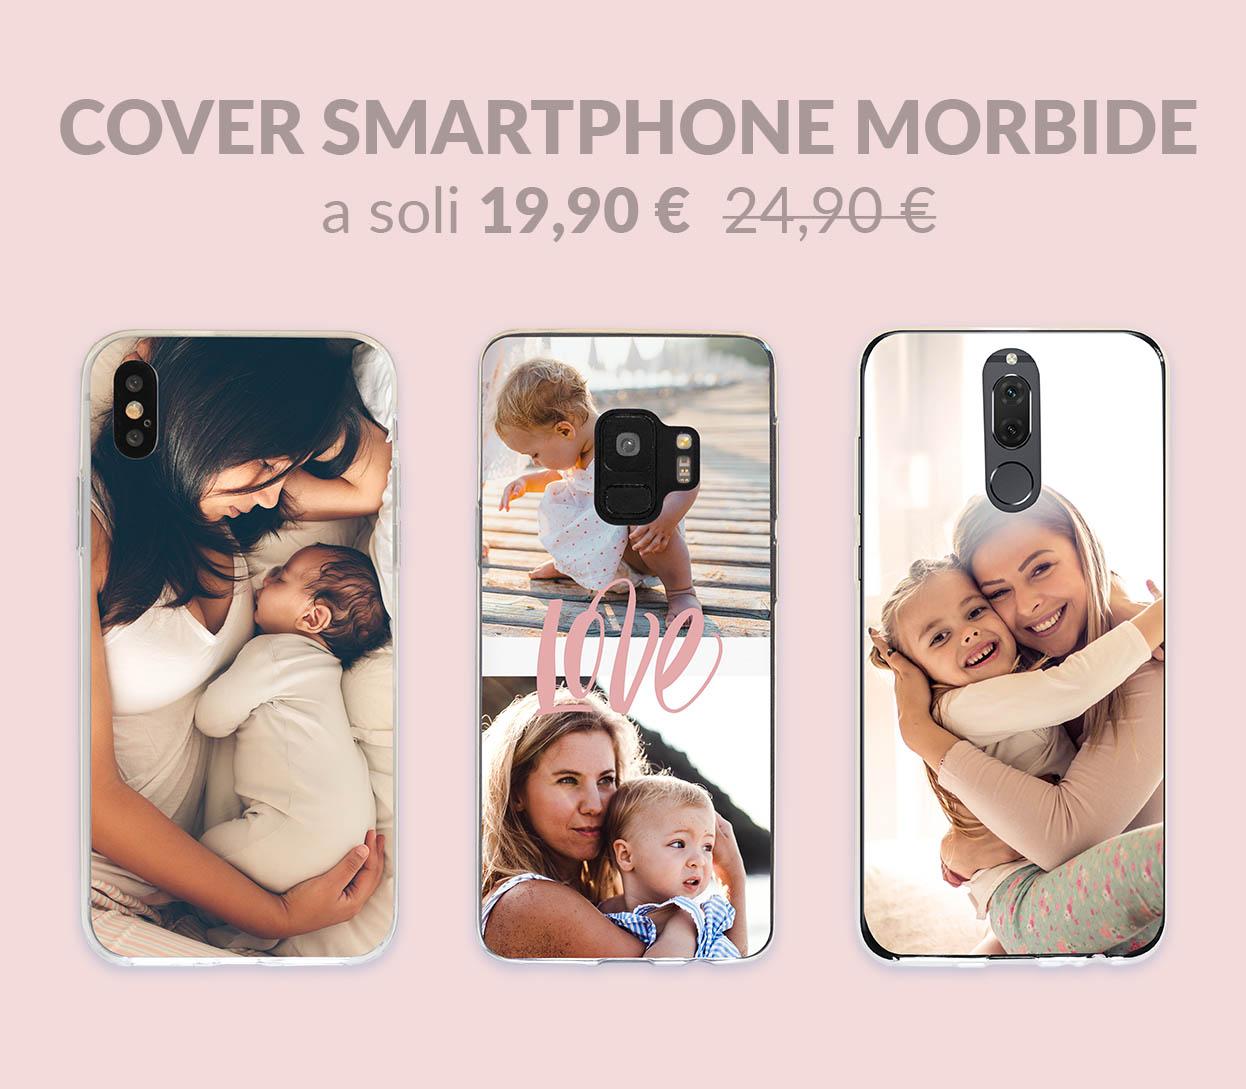 Cover Smartphone Morbide a soli 19,90€ anziché 24,90€